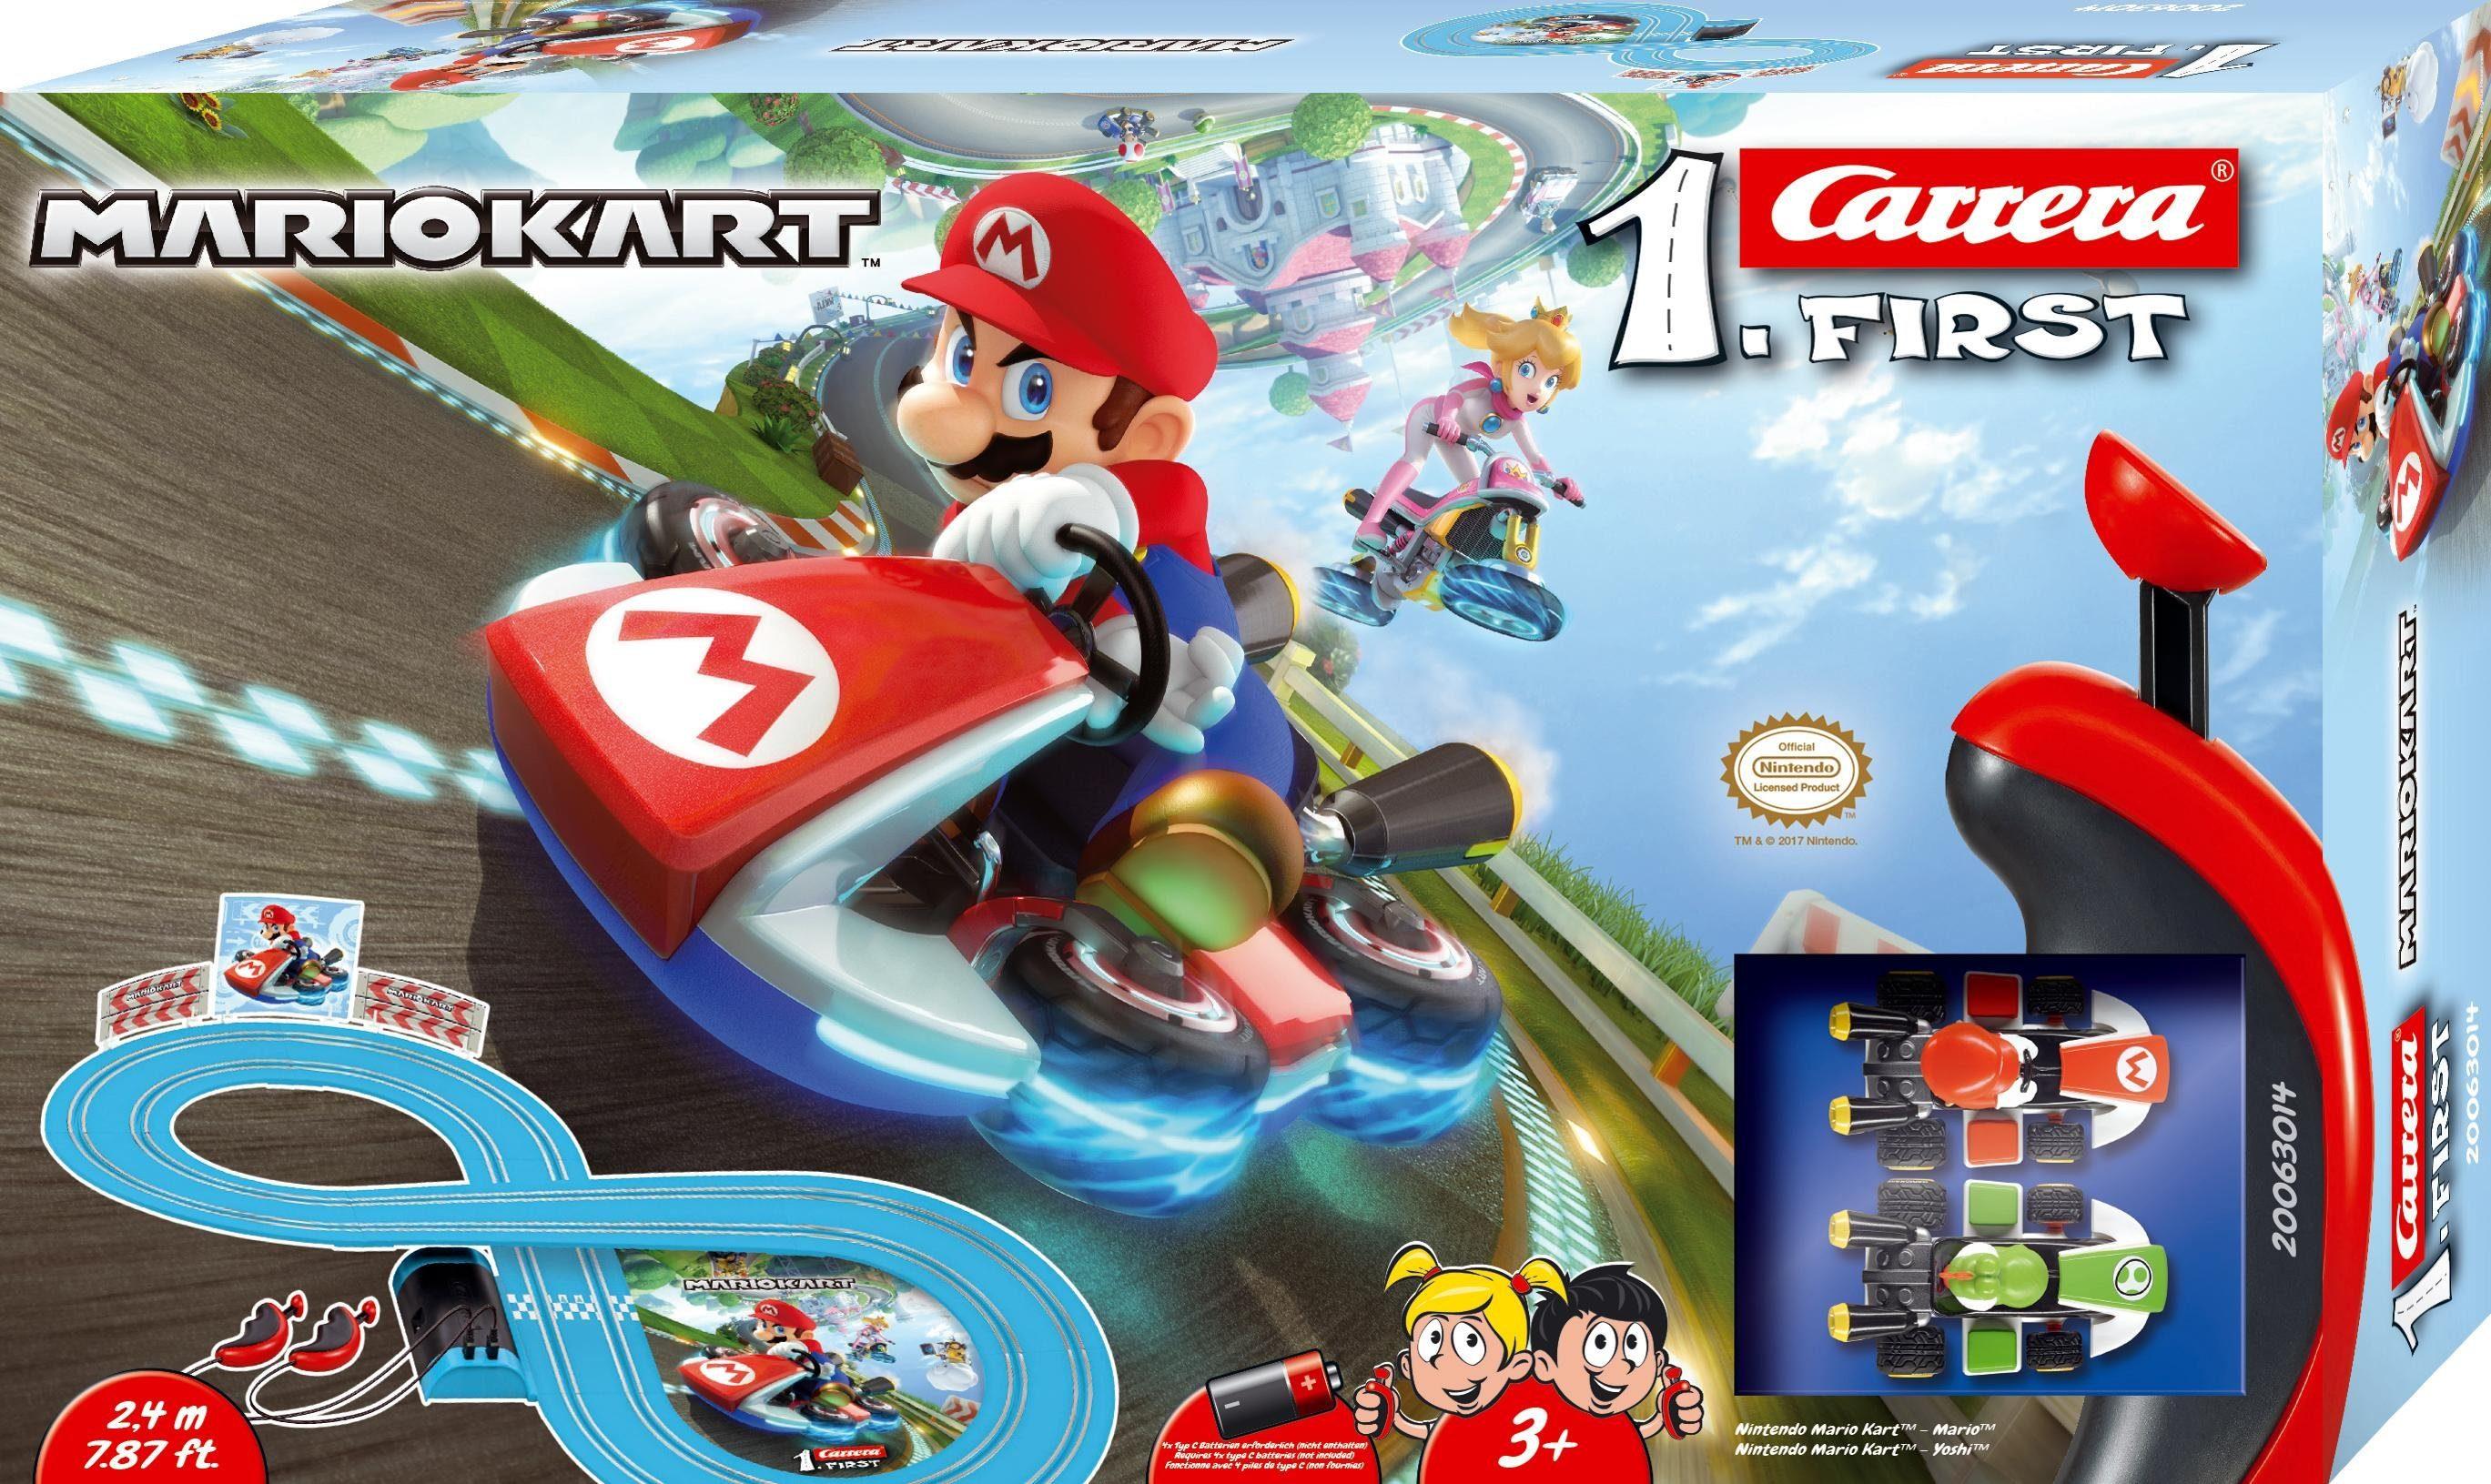 Carrera Autorennbahn für Kinder, »Carrera® First Nintendo Mario Kart™«